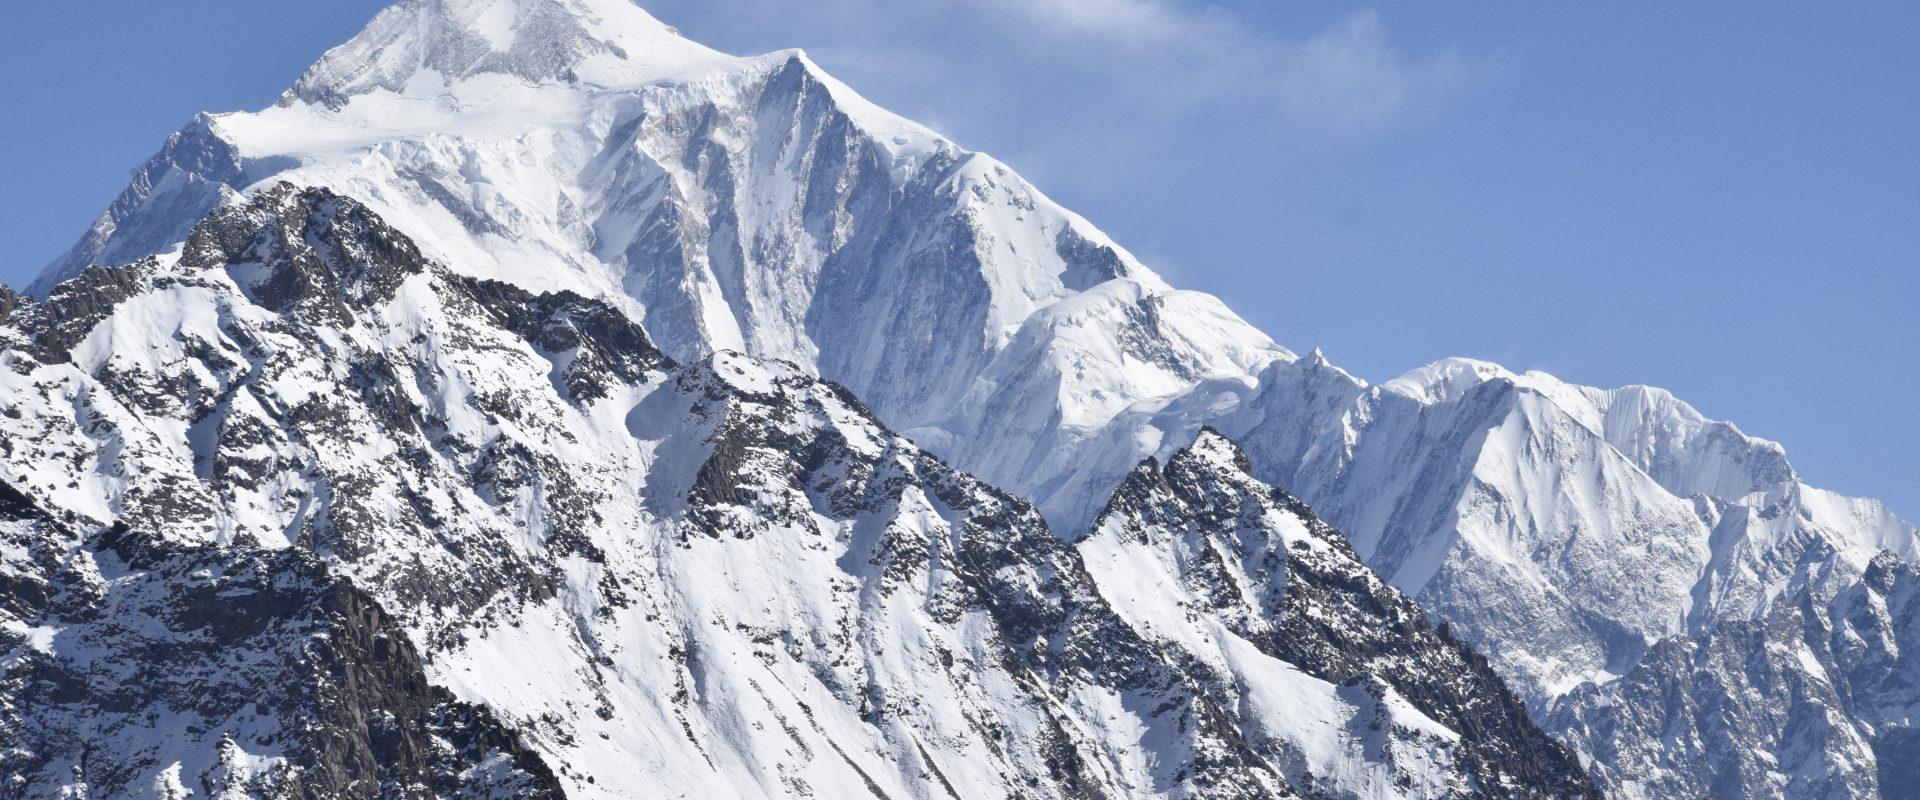 inwestowanie w gorach i nad morzem